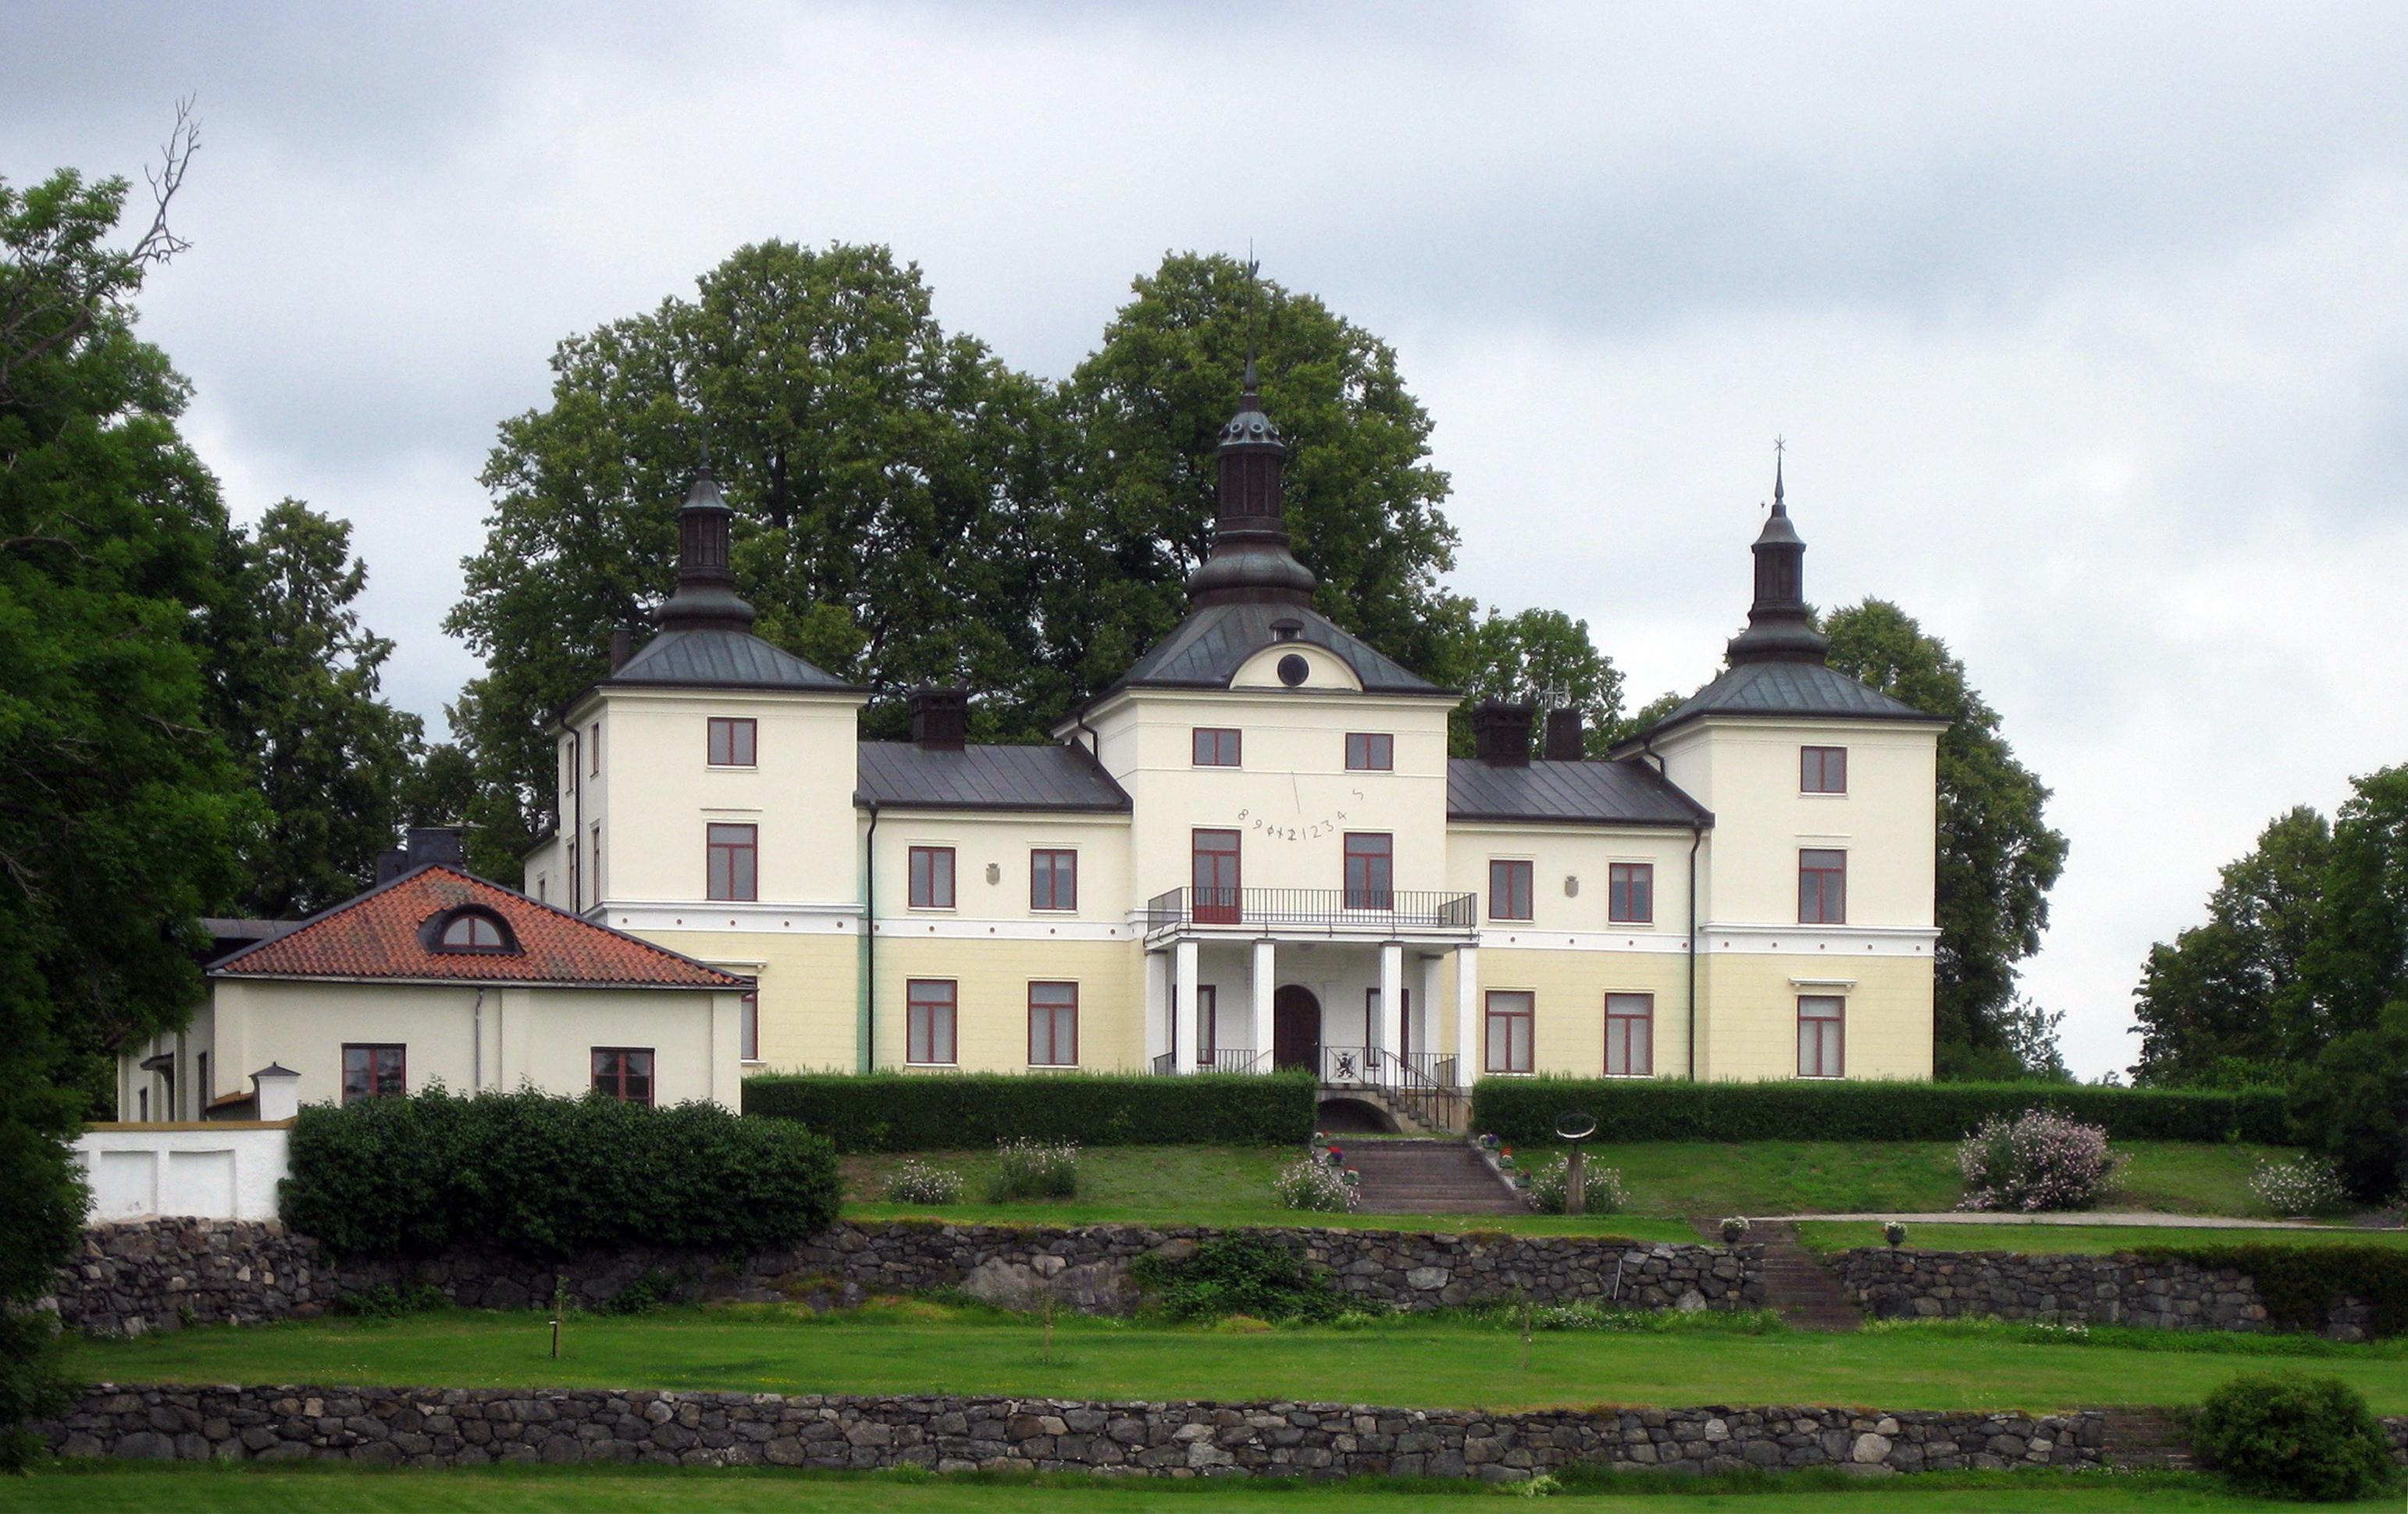 Stenhammars slott